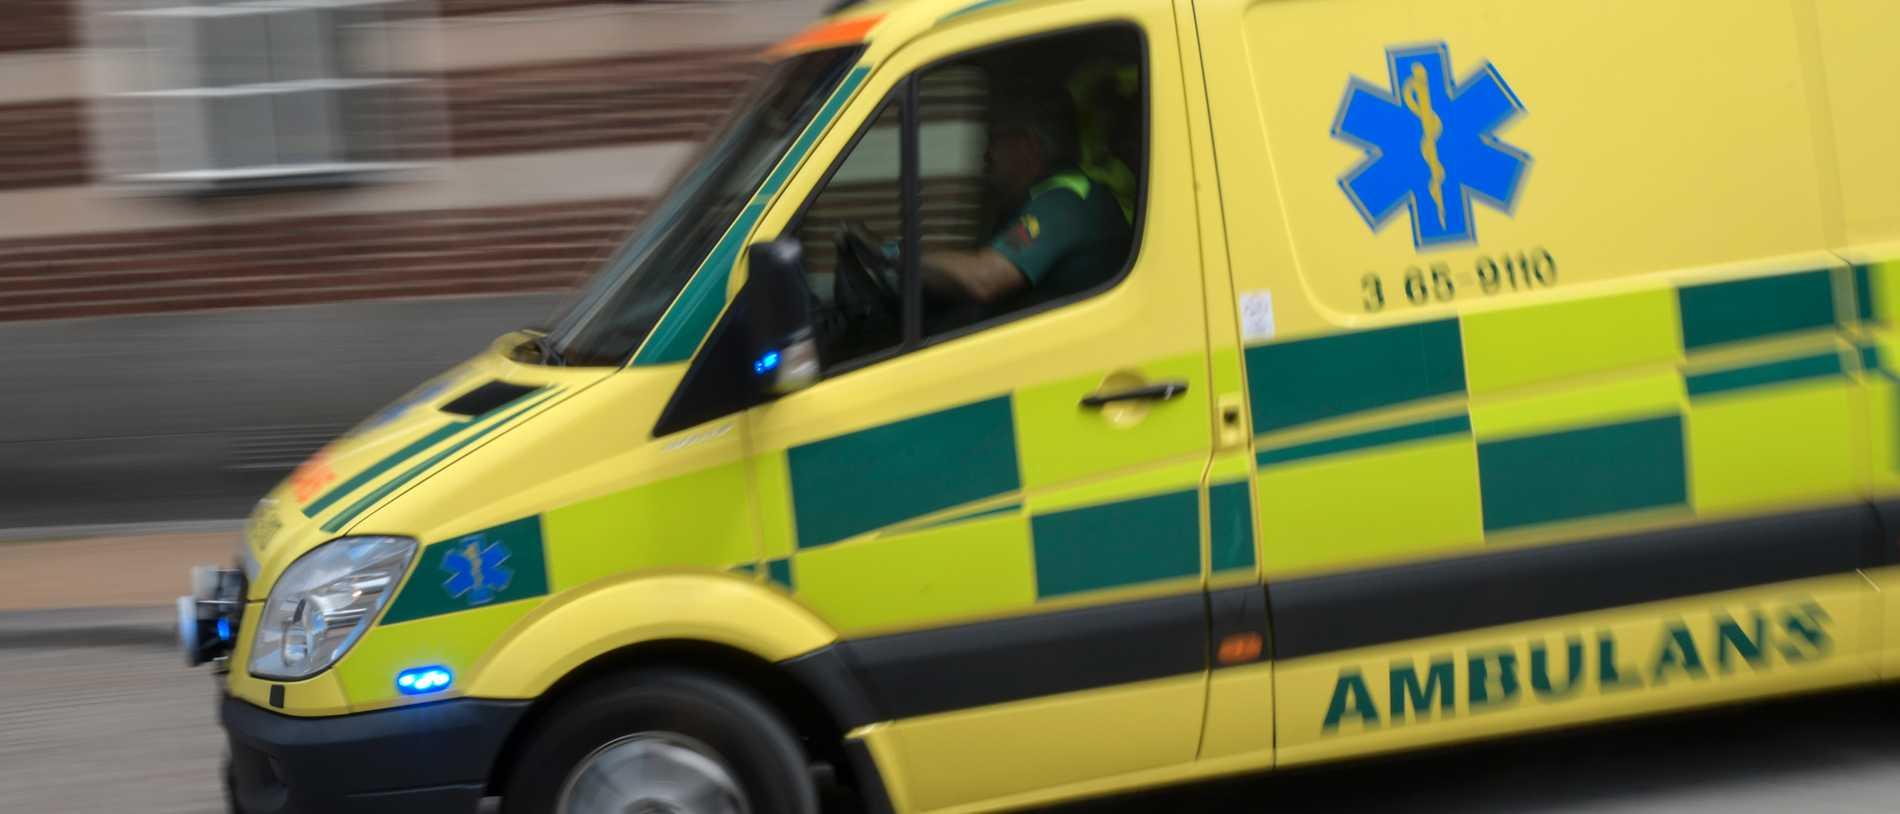 Två till sjukhus efter påkörning i Alingsås